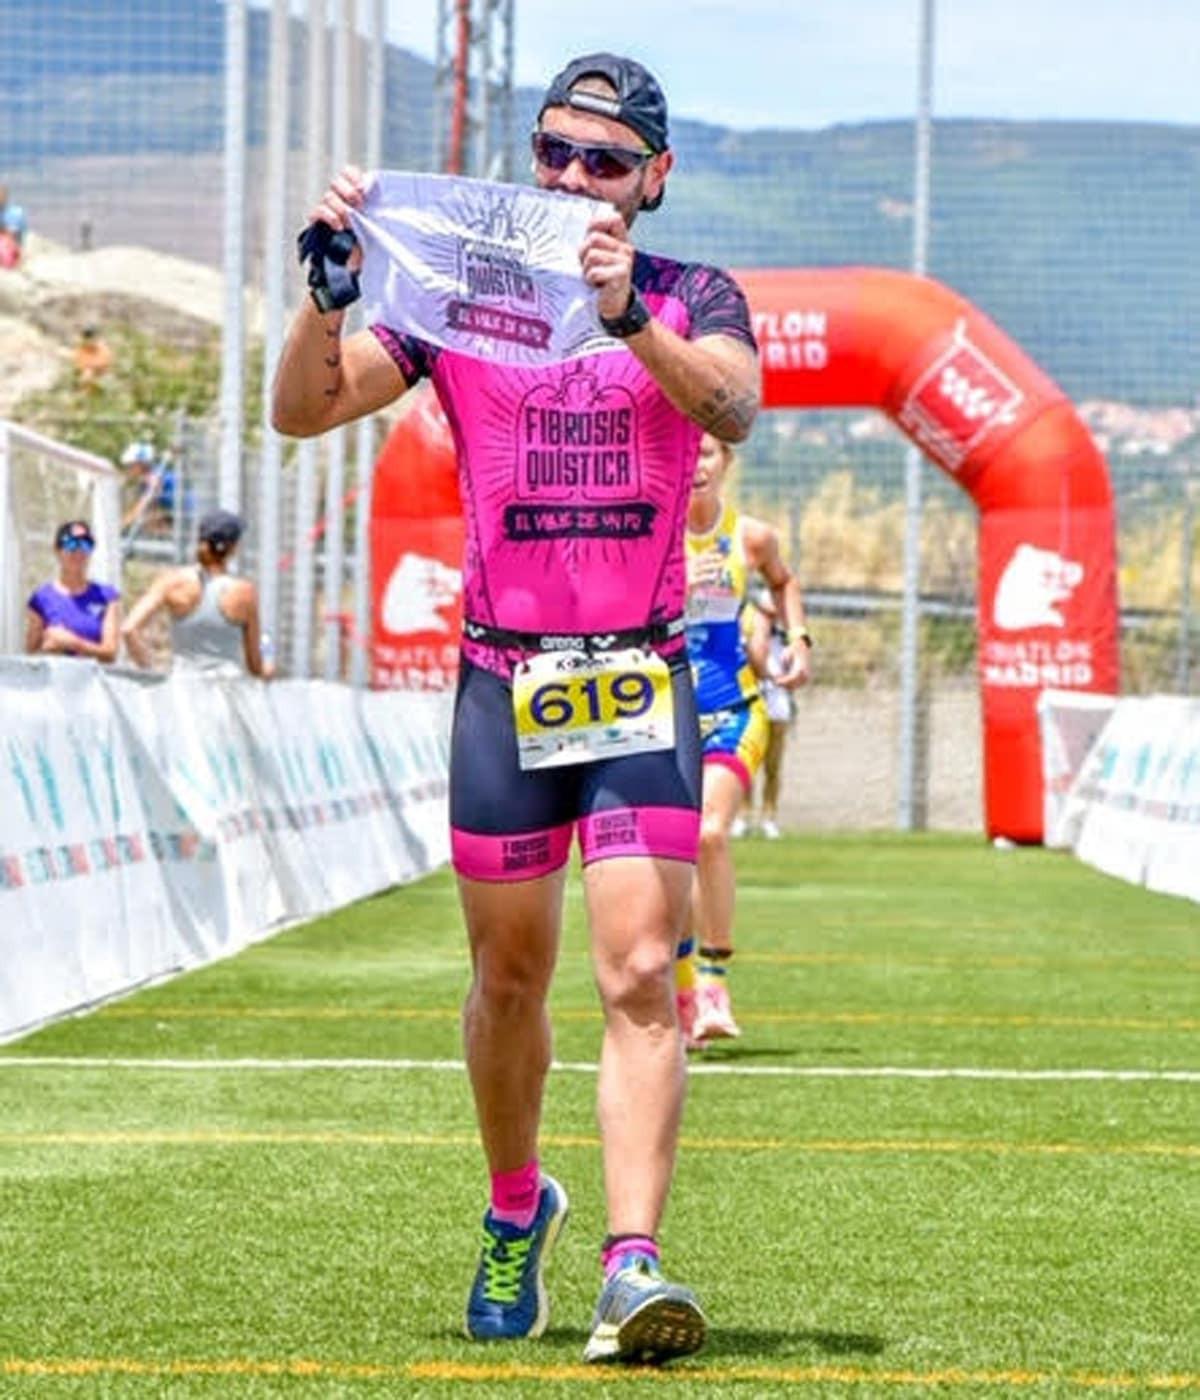 Historias personales de deportistas que usan TetraSOD® - Jonatan Fernández